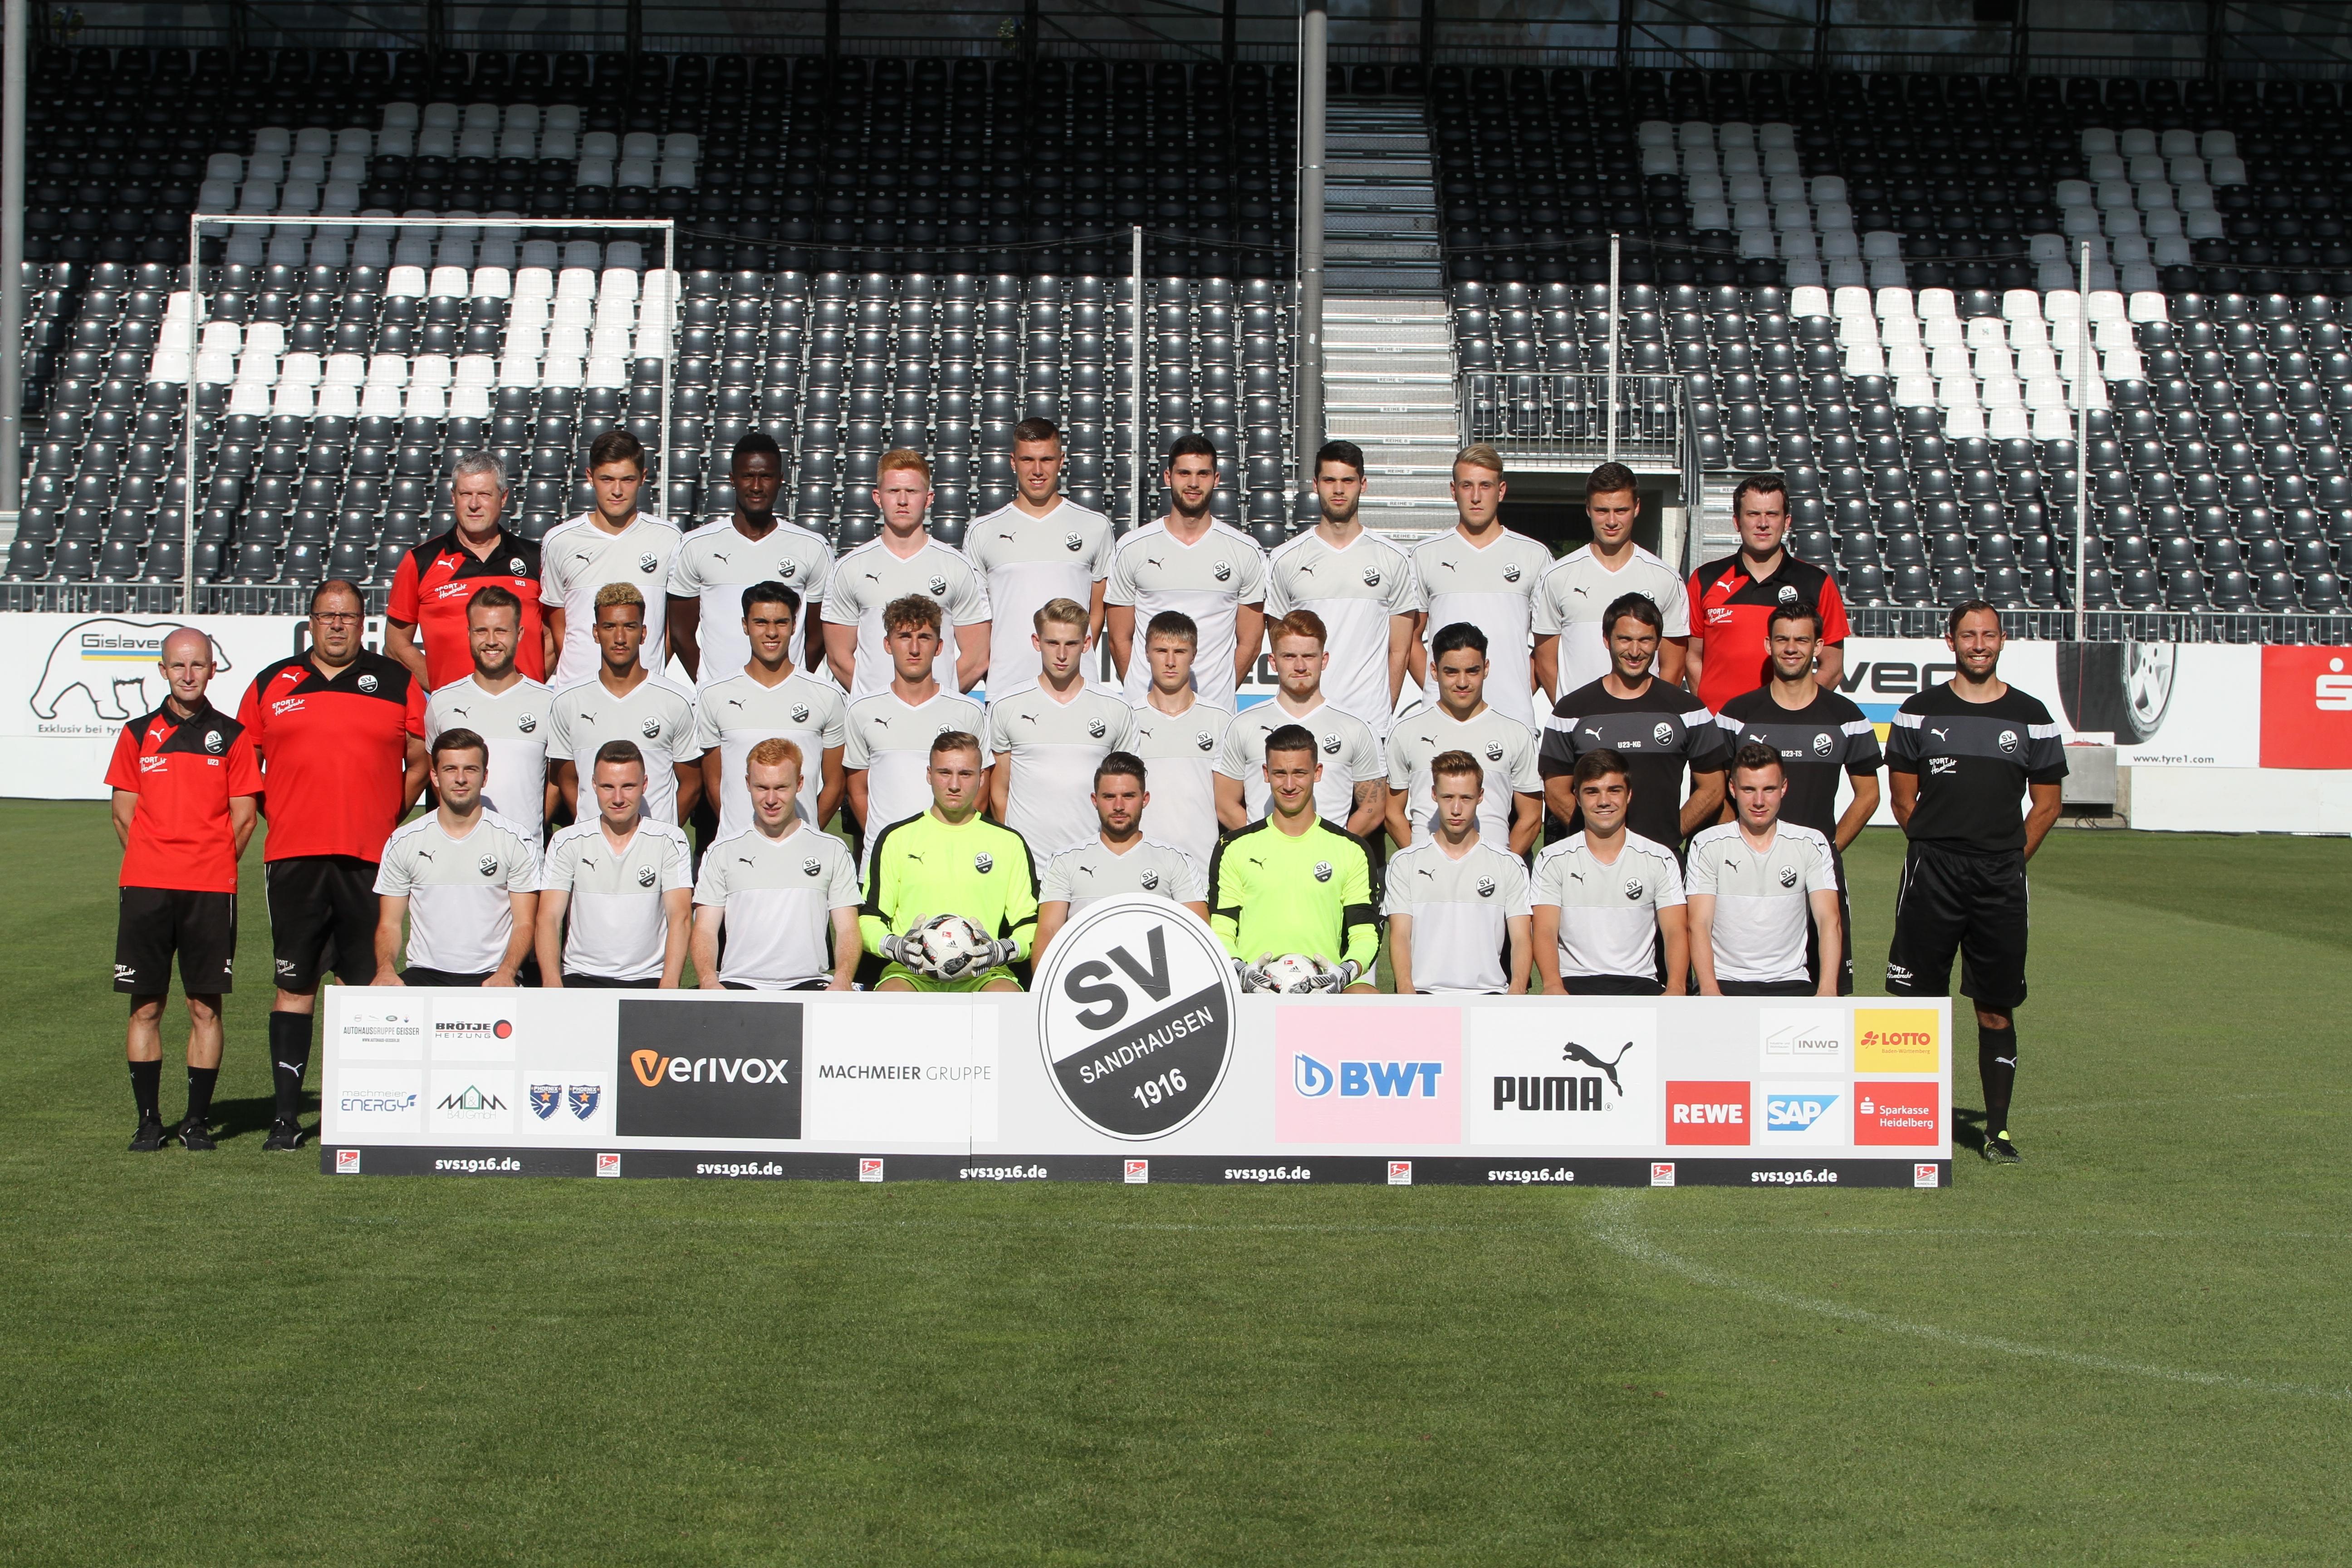 U23_Mannschaftsfoto